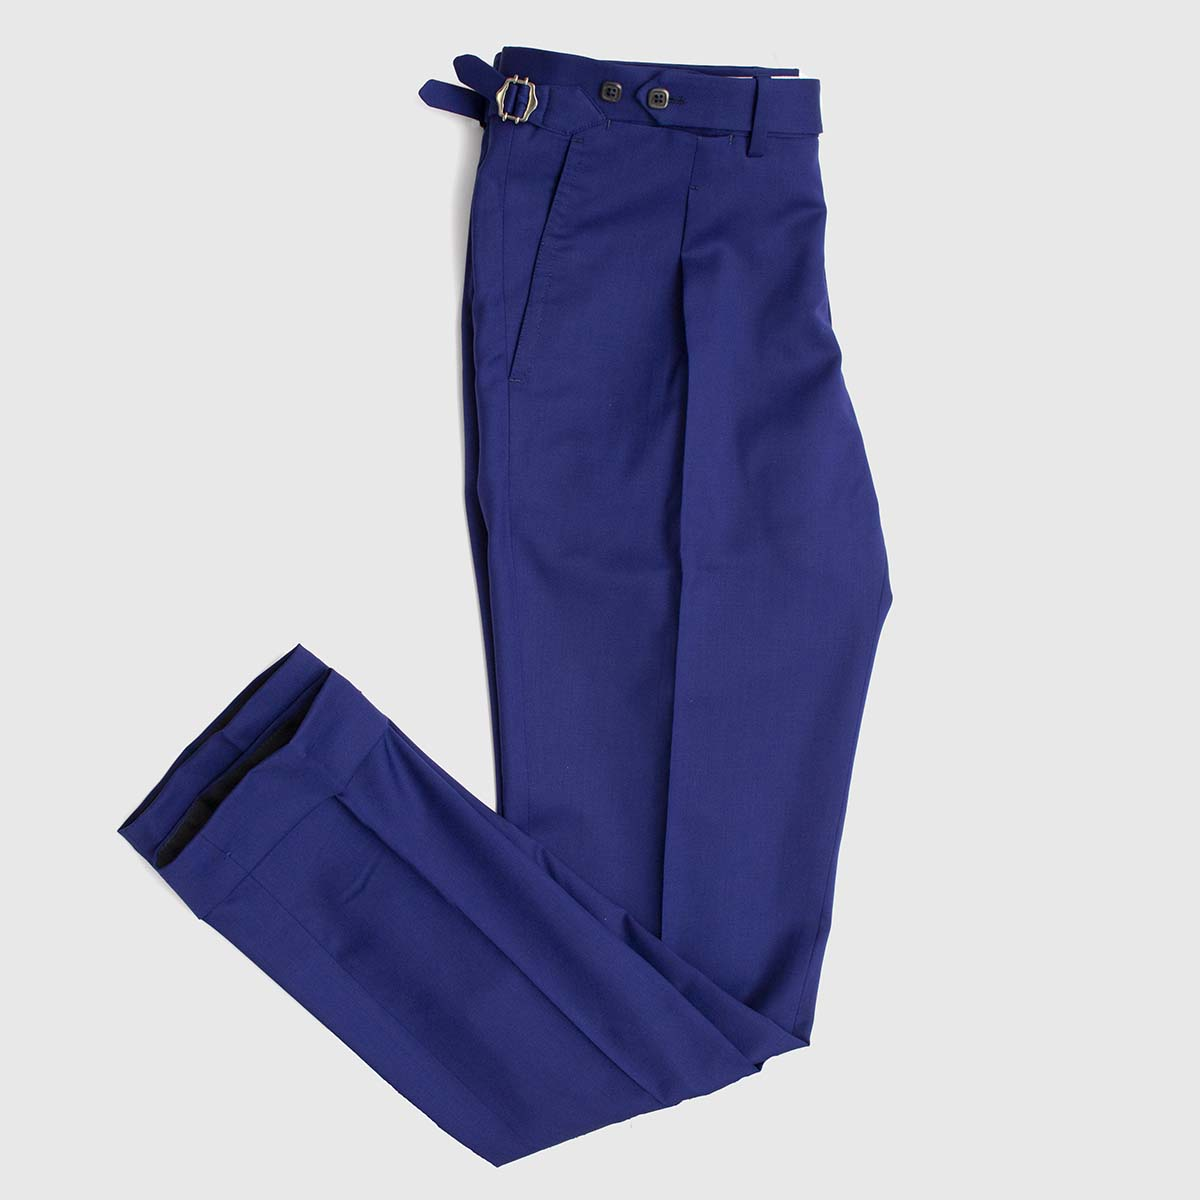 Vitale Barberis Canonico Super 110's One Pleat Trousers